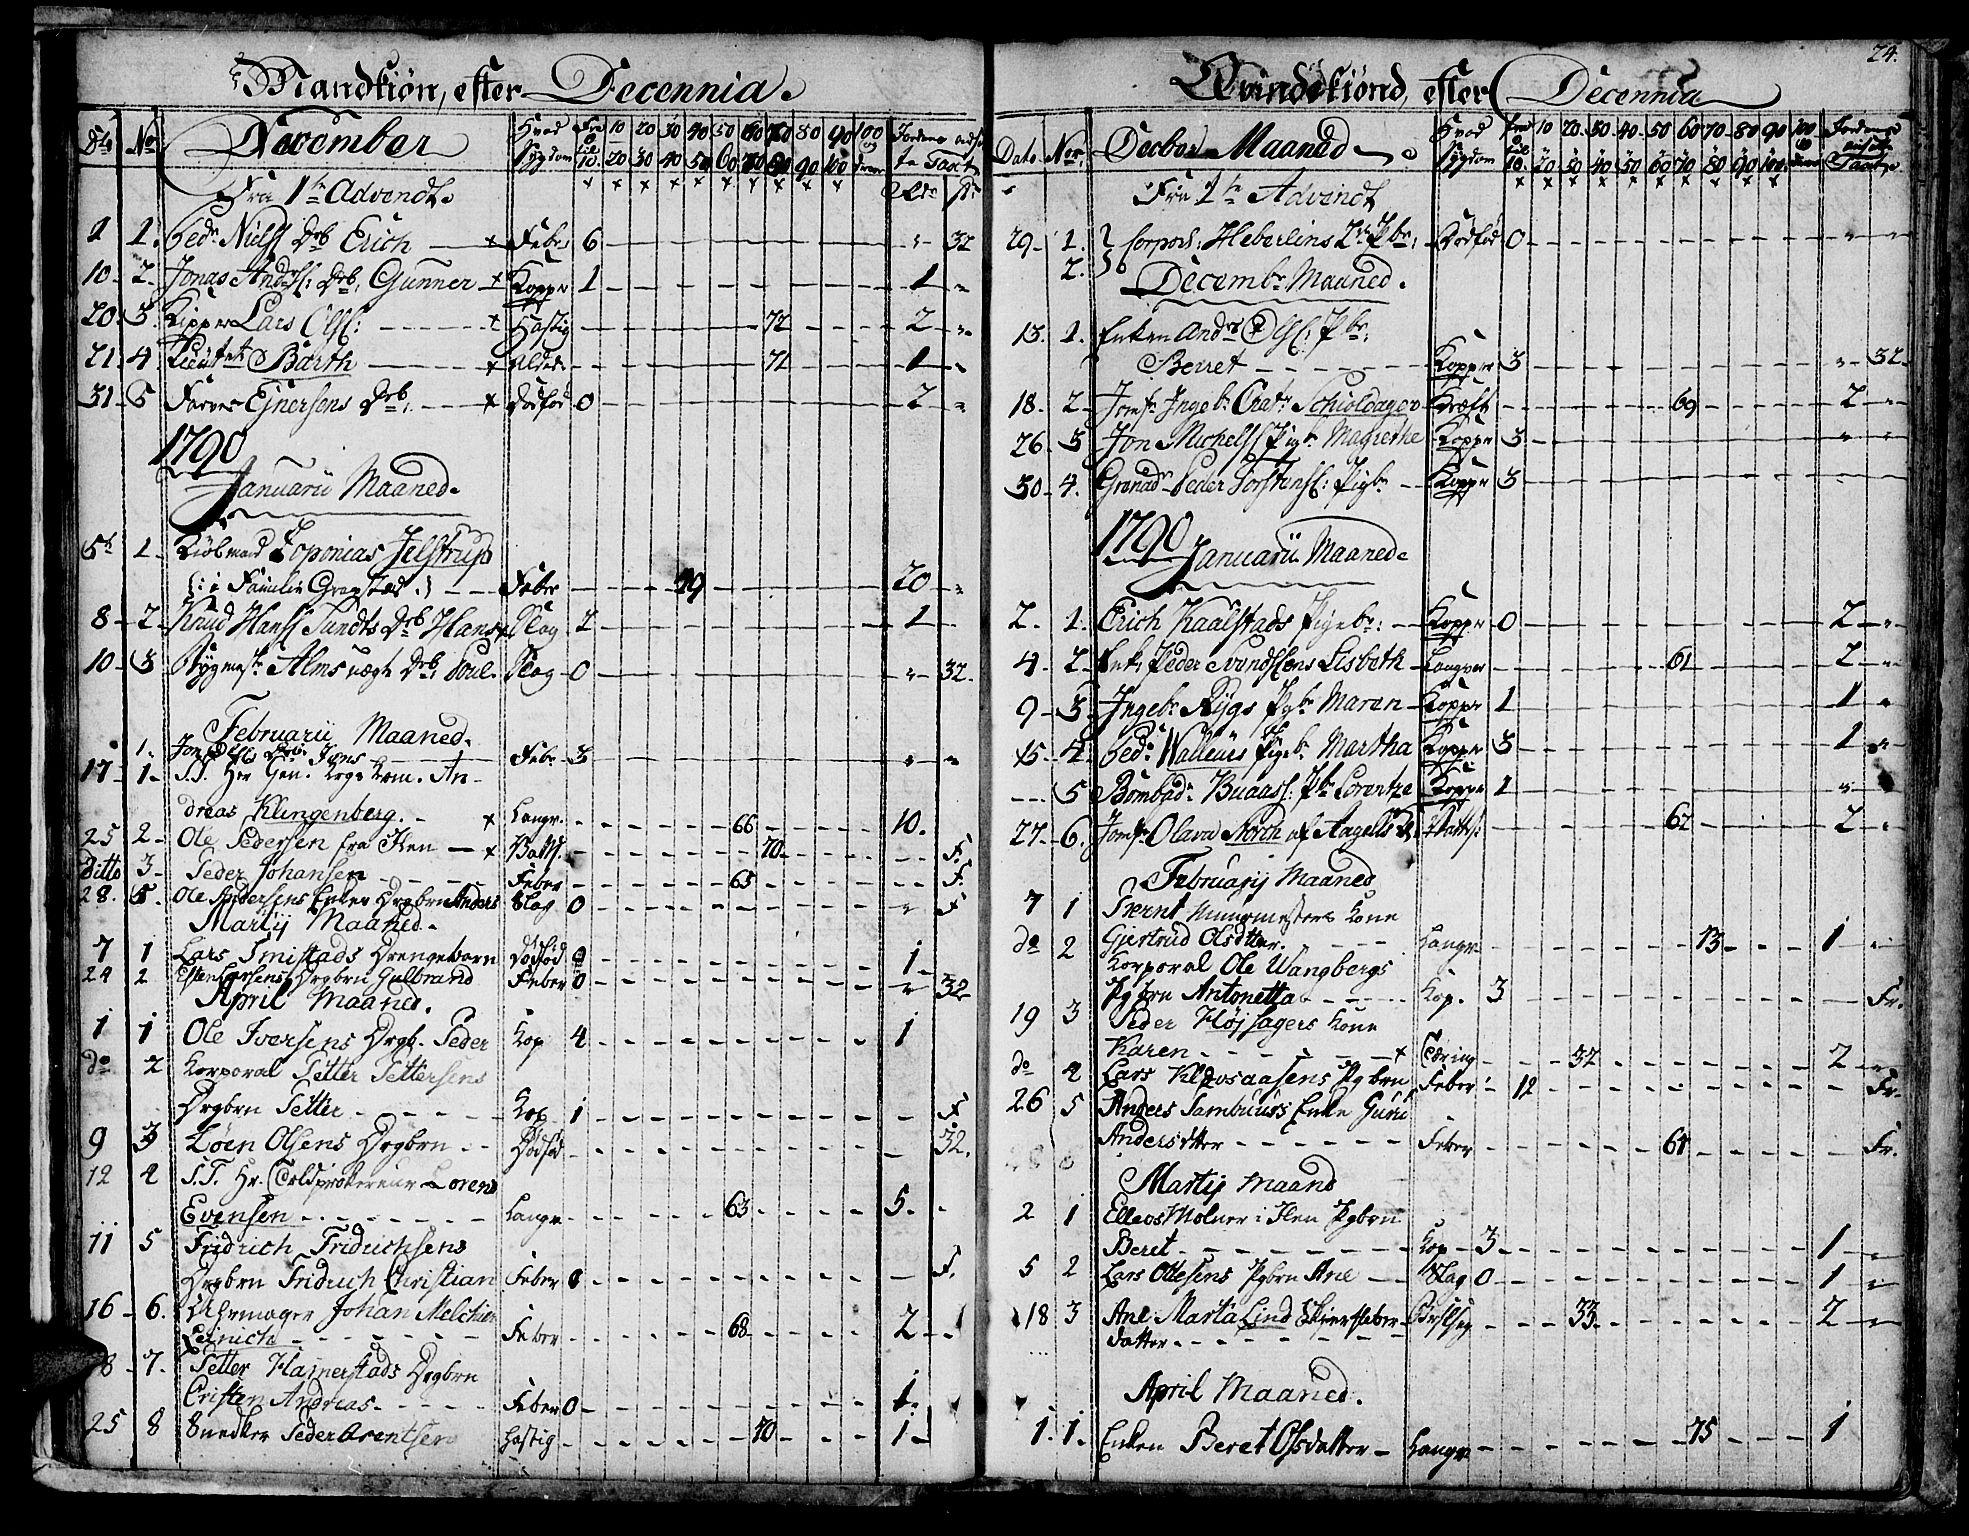 SAT, Ministerialprotokoller, klokkerbøker og fødselsregistre - Sør-Trøndelag, 601/L0040: Ministerialbok nr. 601A08, 1783-1818, s. 24